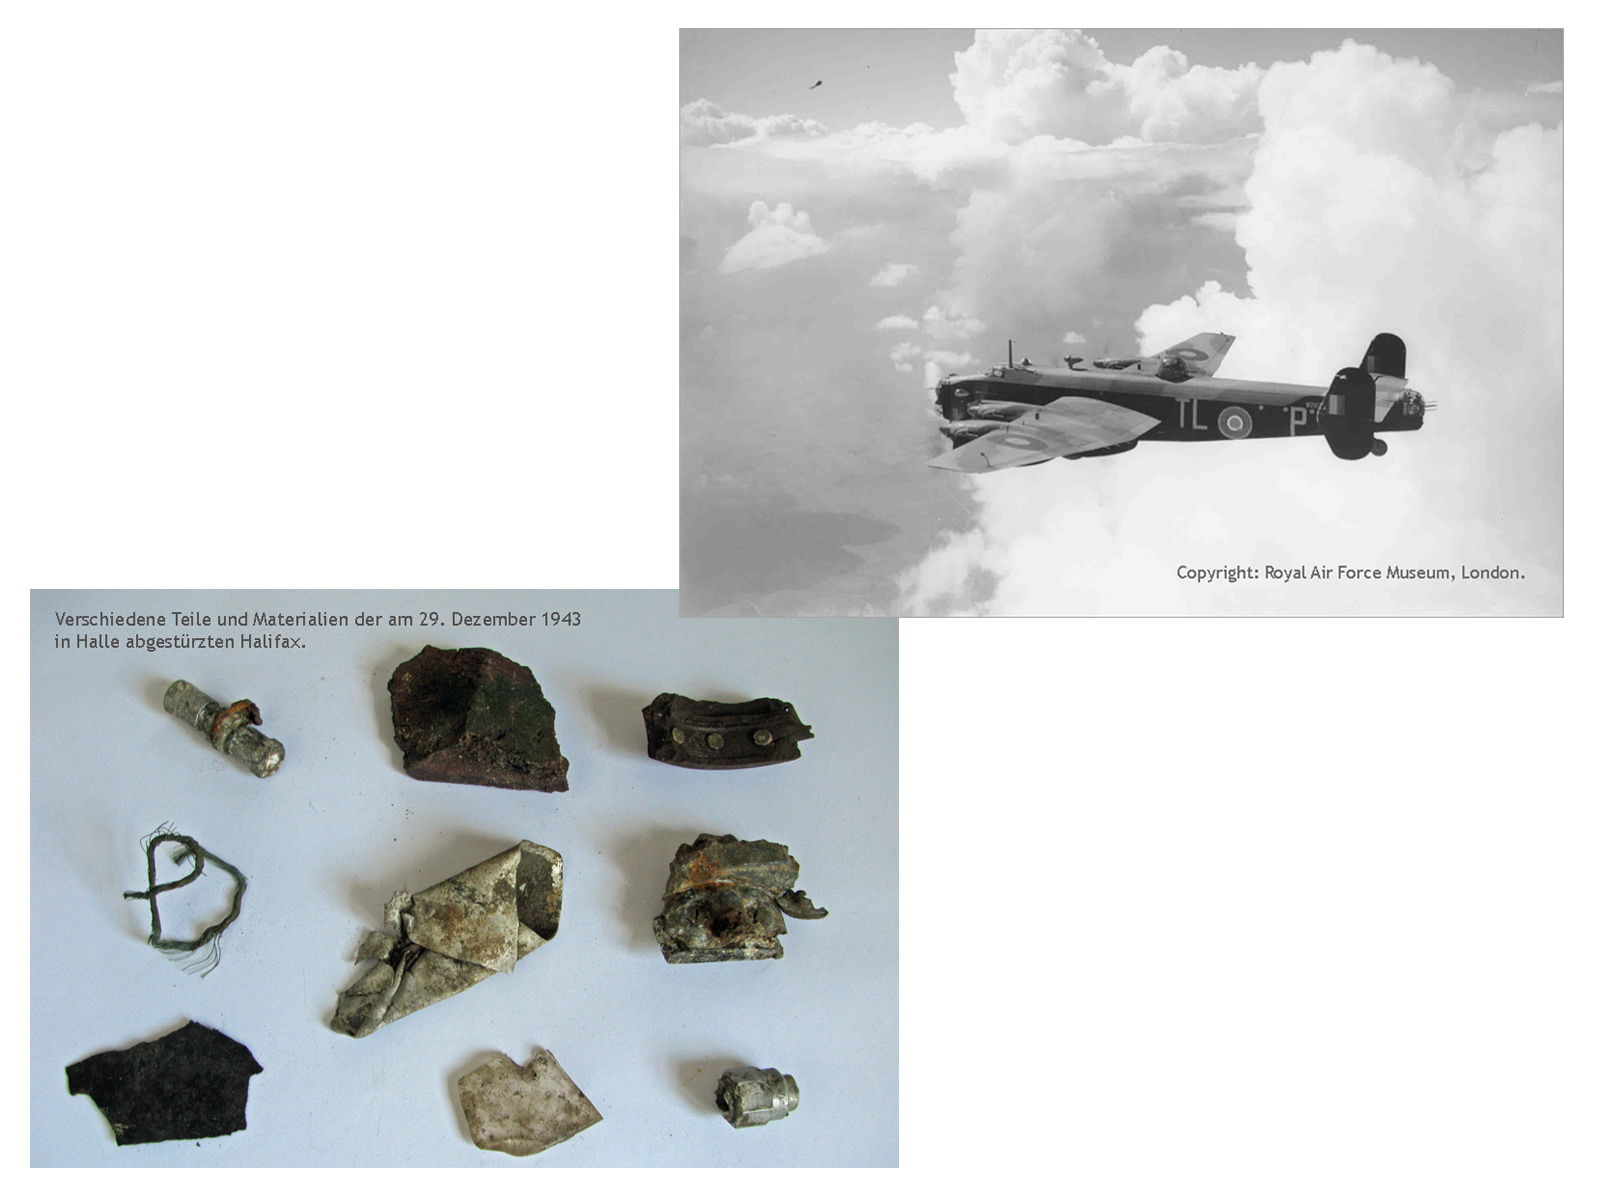 Trünnes des am 29. Dezember 1943 in Halle abgestürzten Halifax-Bombers. Haller ZeitRäume.